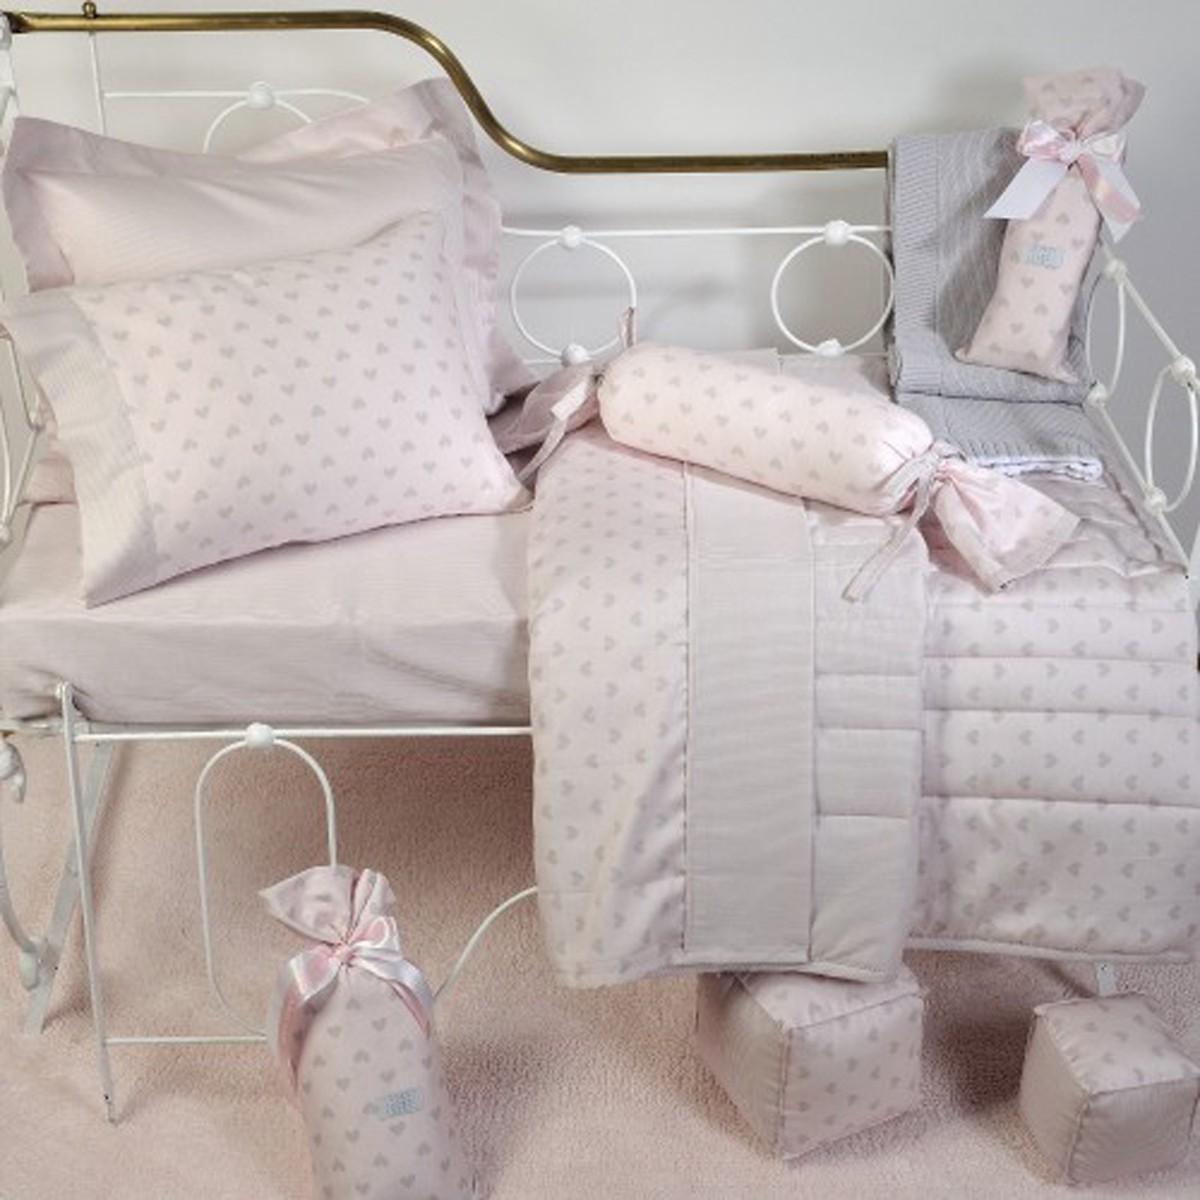 Διακοσμητικό Μαξιλάρι Καραμέλα Down Town BS 654 home   βρεφικά   διακοσμητικά μαξιλάρια βρεφικά